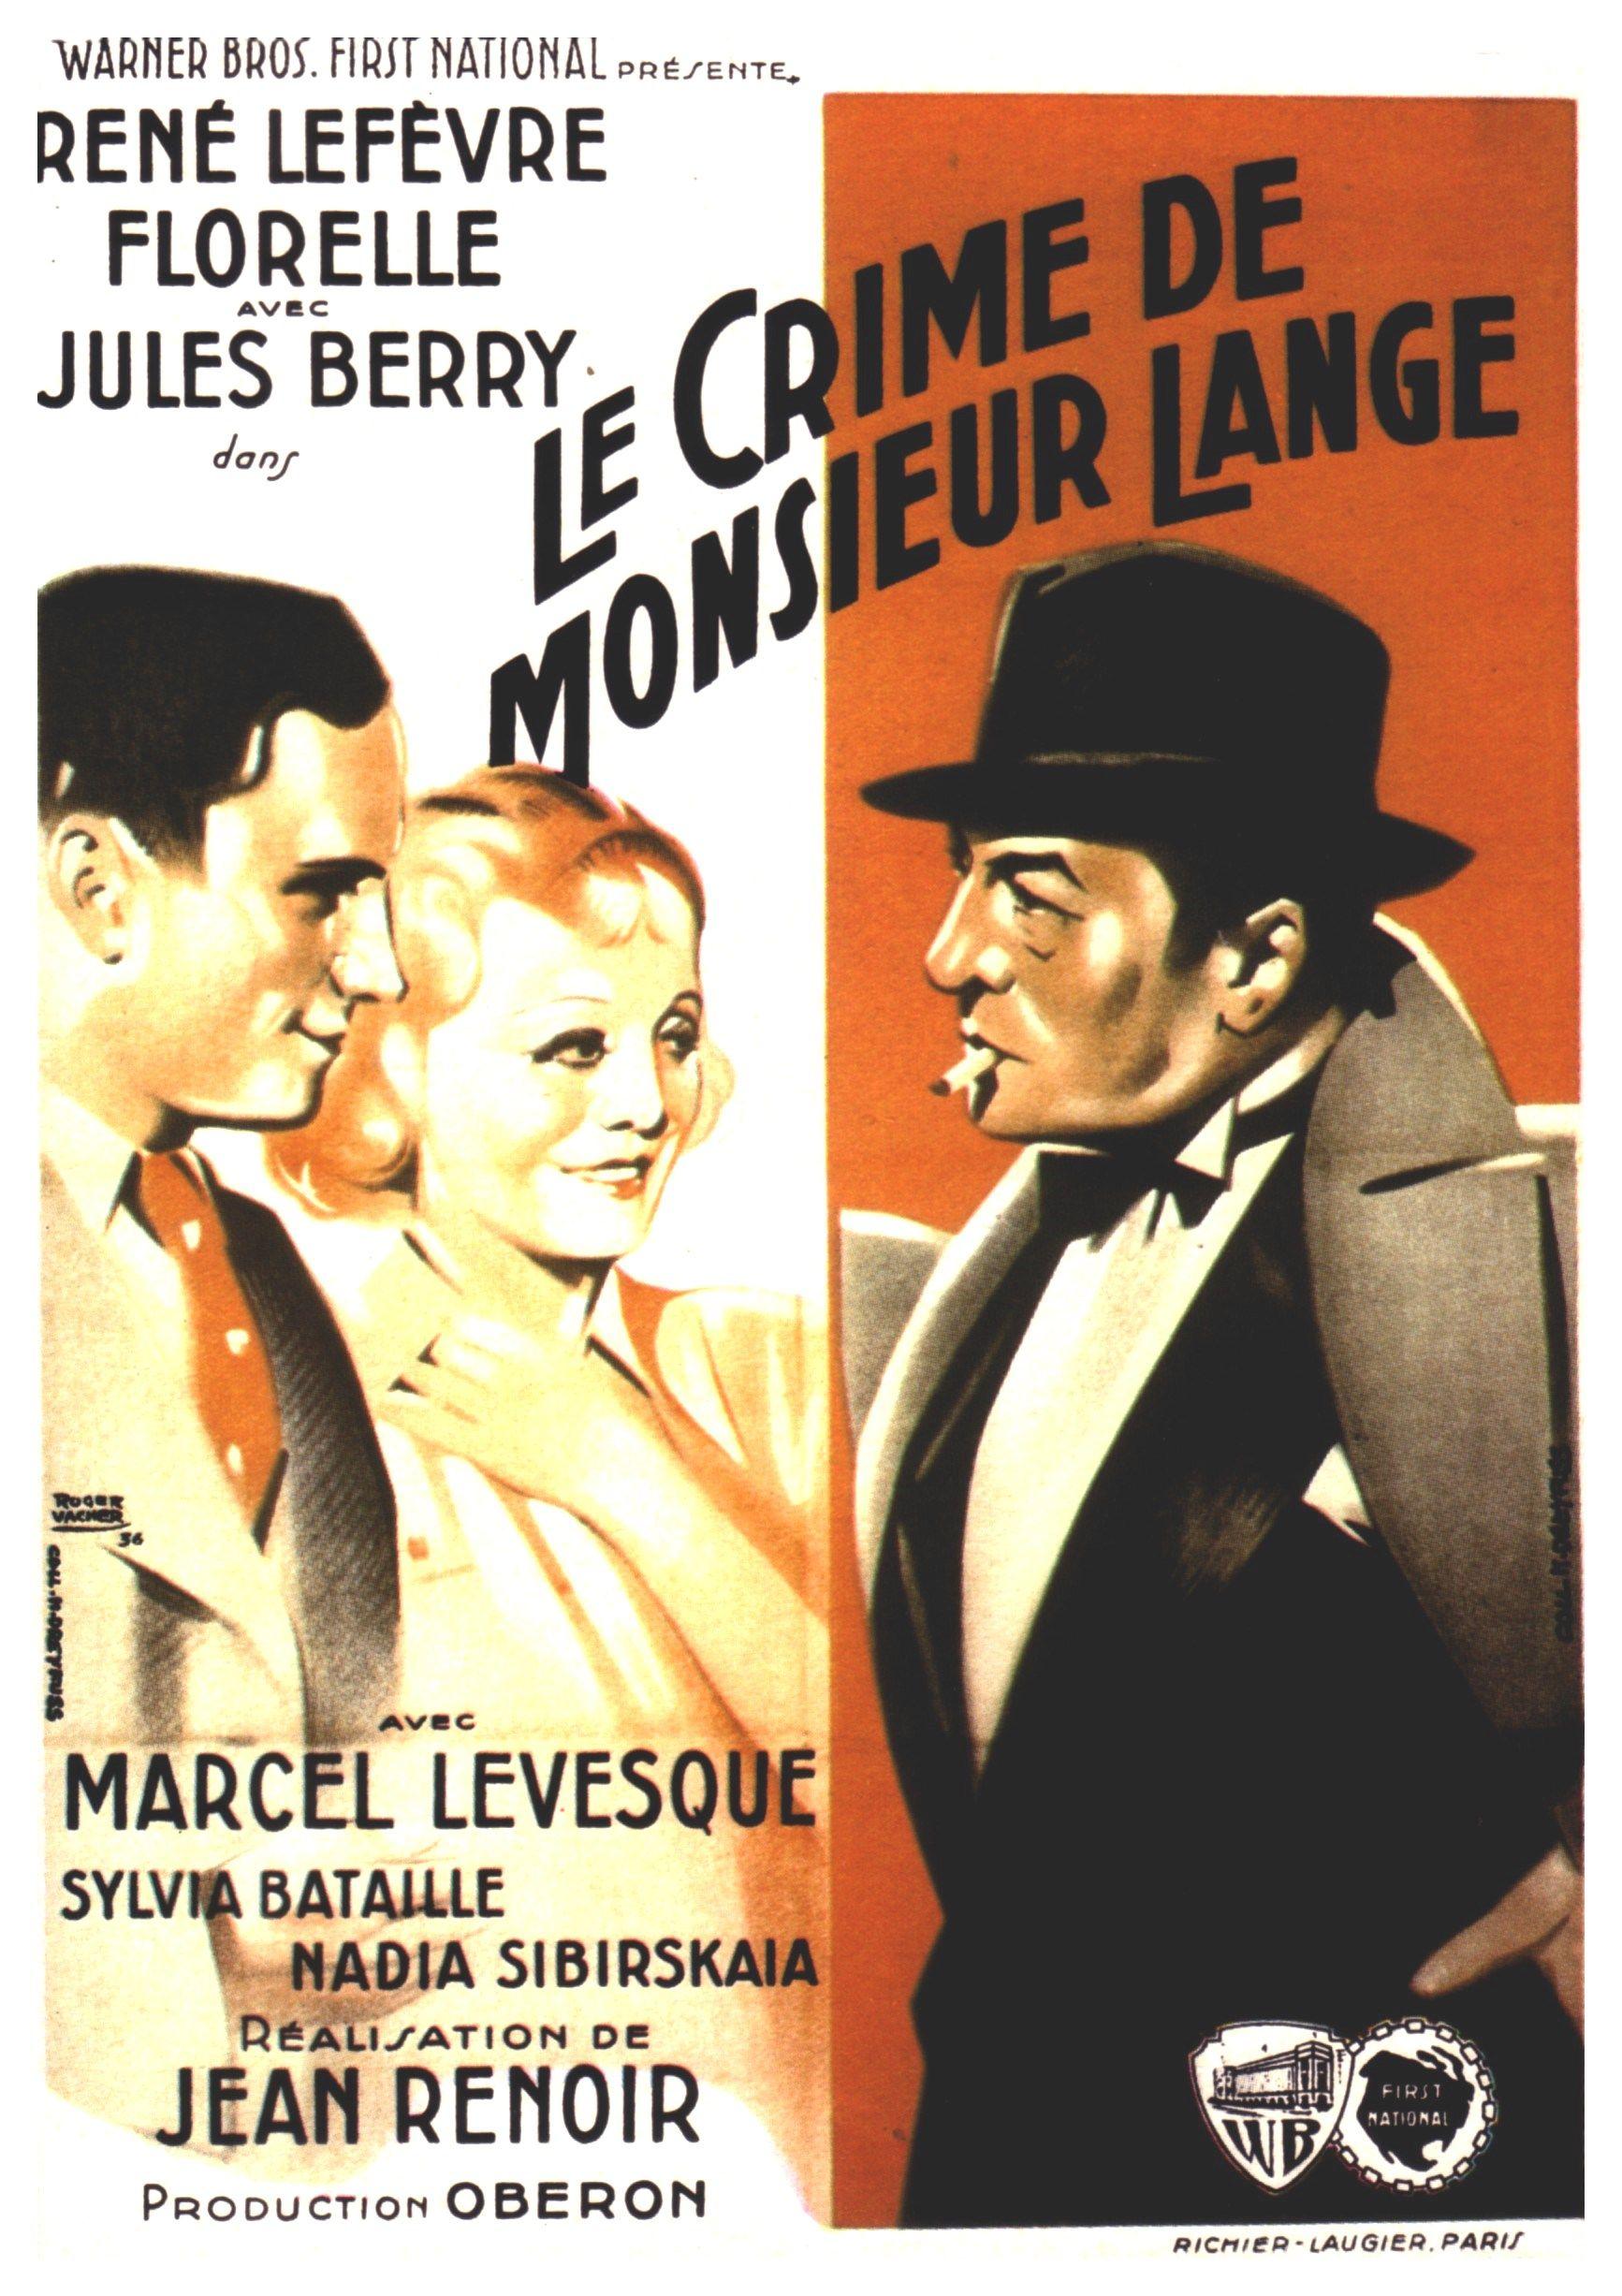 Votre dernier film visionné - Page 2 Le_Crime_de_Monsieur_Lange